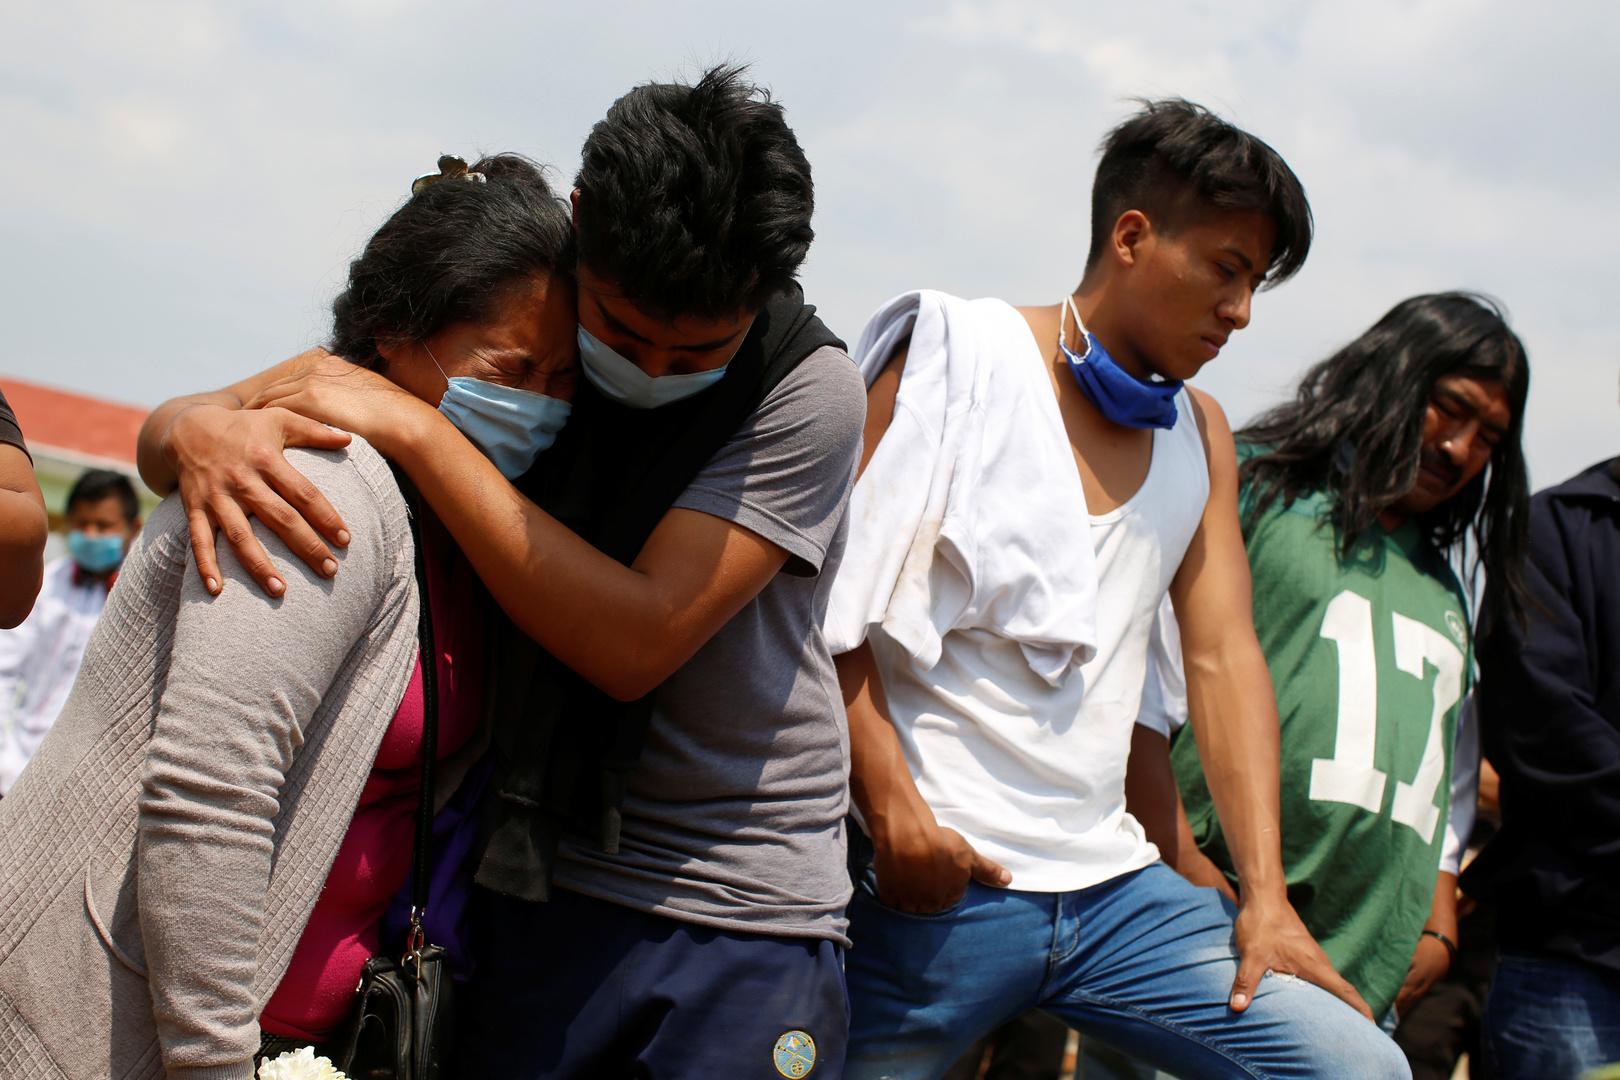 إصابات كورونا في المكسيك تتجاوز الـ70 ألف حالة